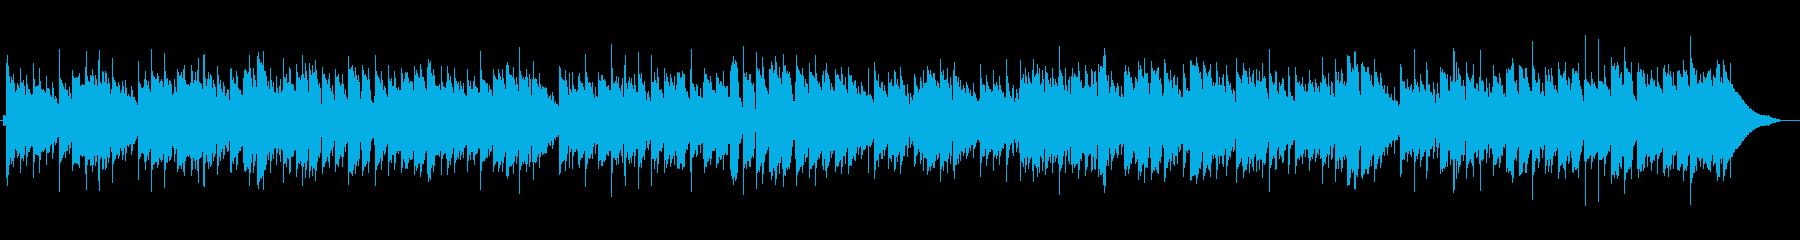 うきうきするポップなクリスマス風BGMの再生済みの波形